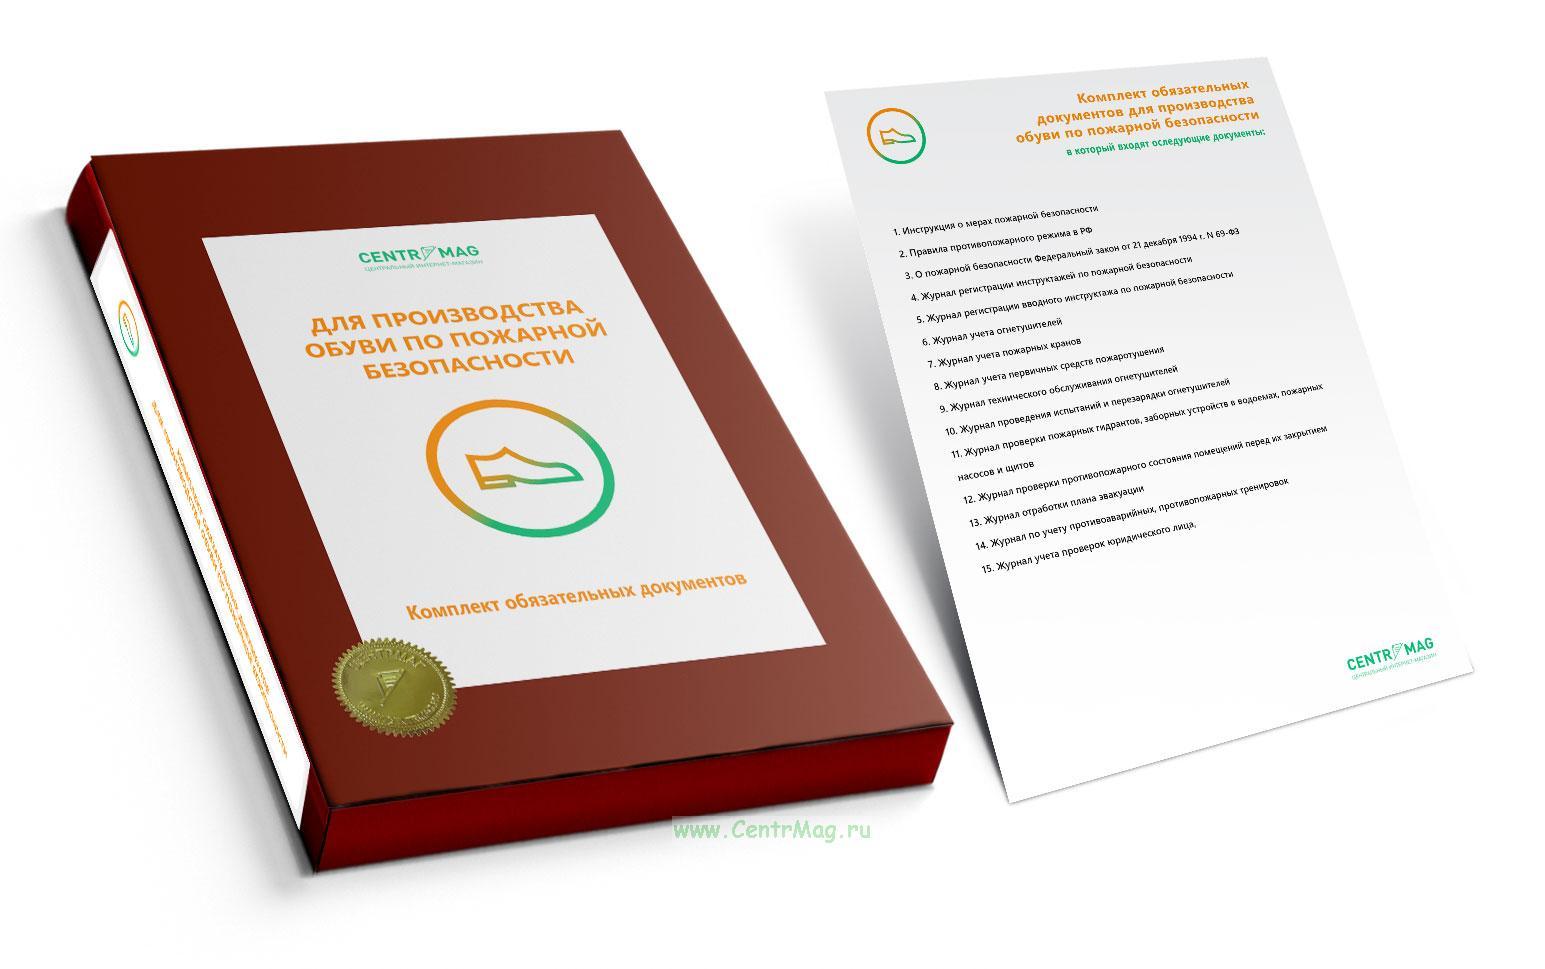 Комплект обязательных документов для производства обуви по пожарной безопасности